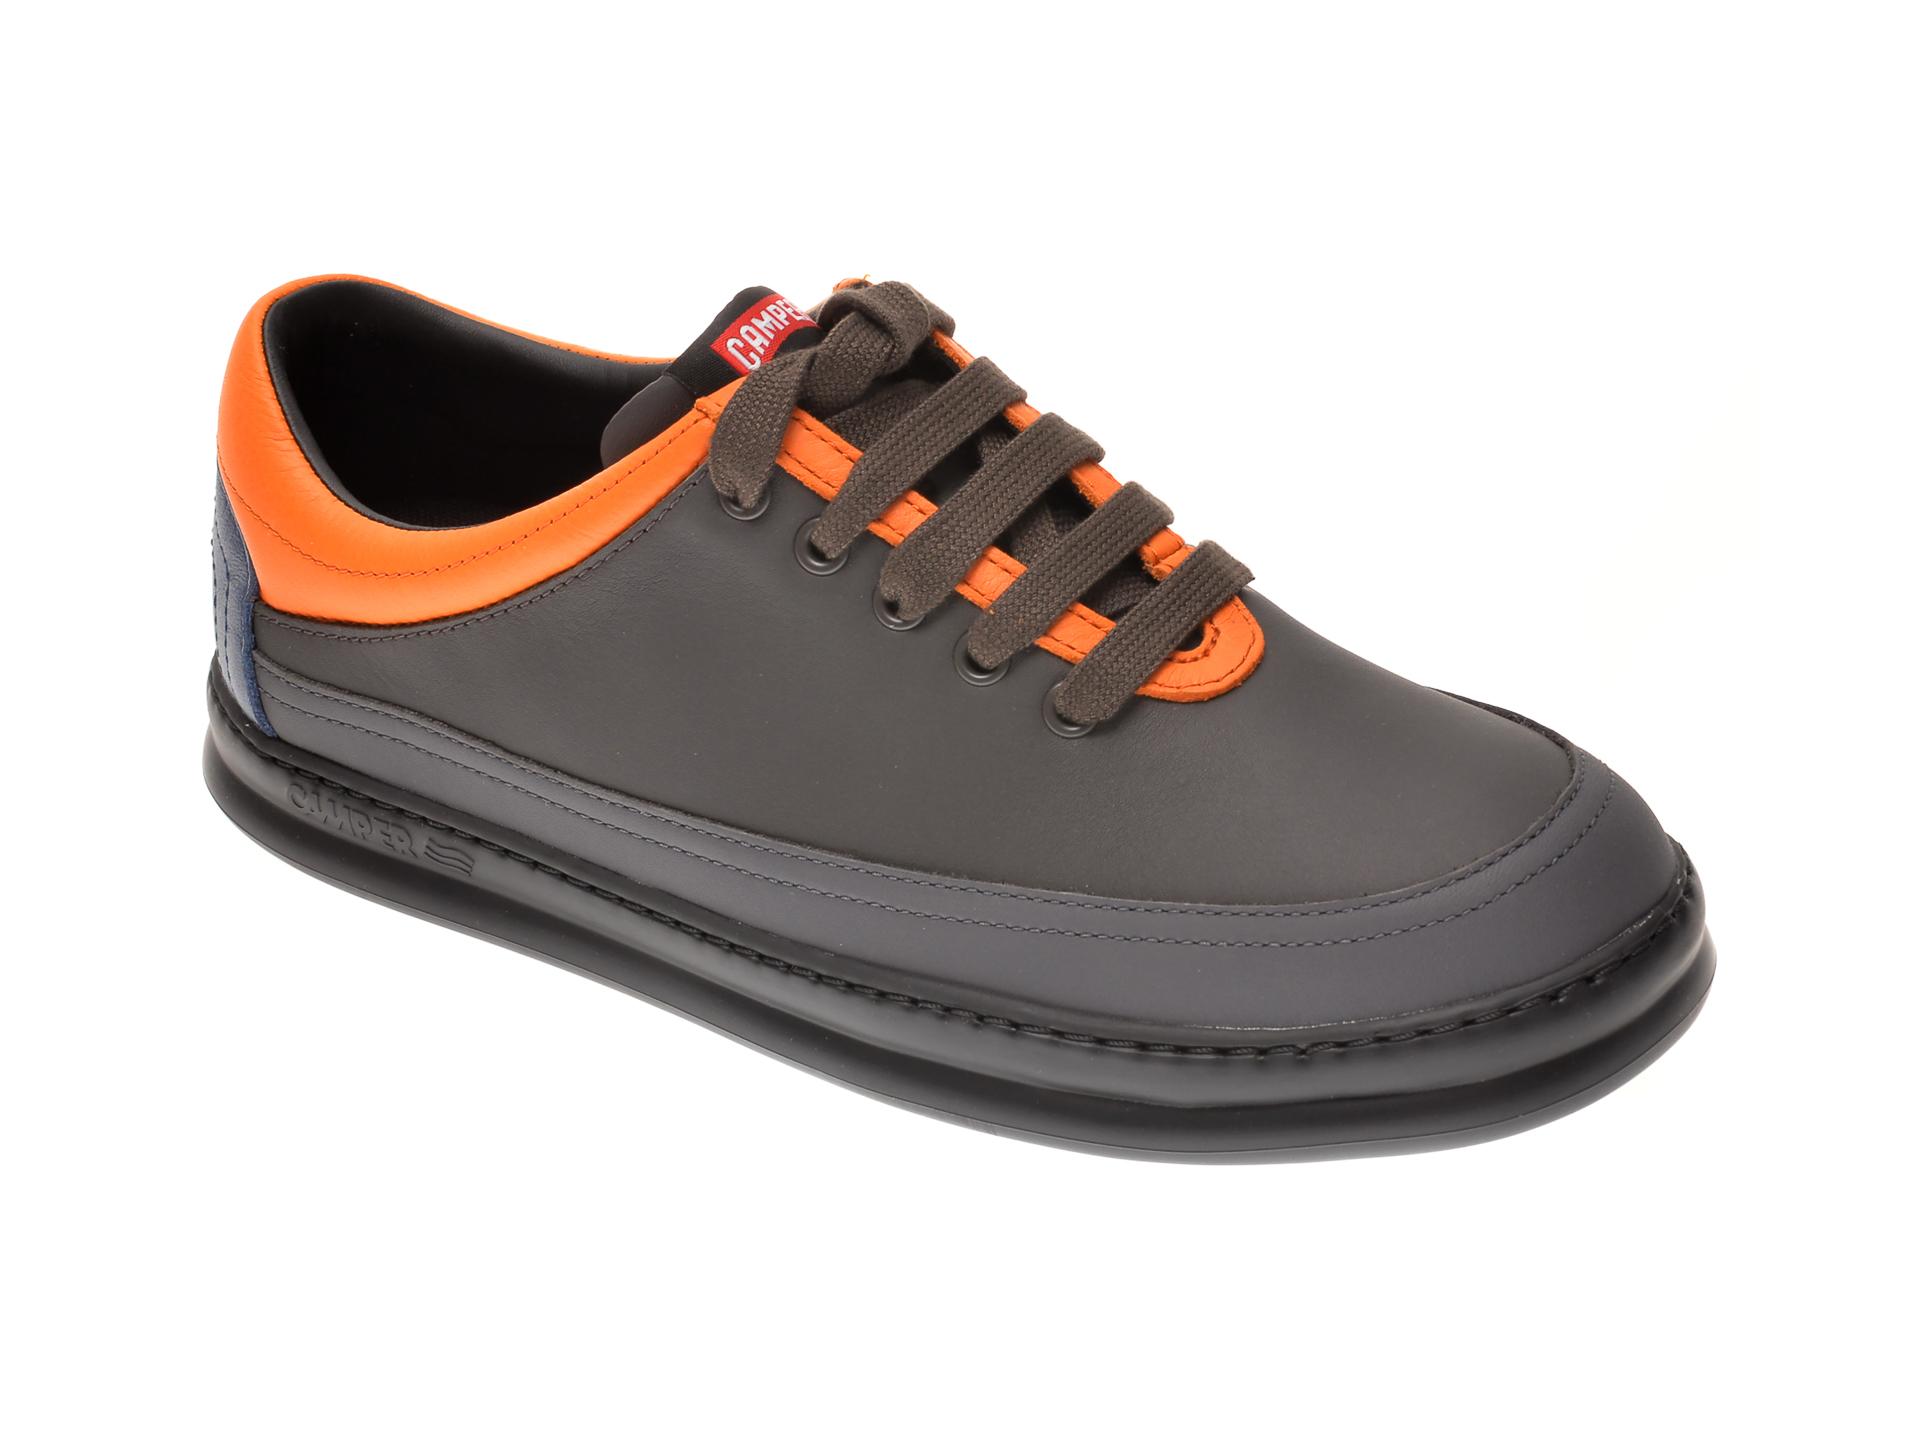 Pantofi CAMPER gri, K100631, din piele naturala imagine